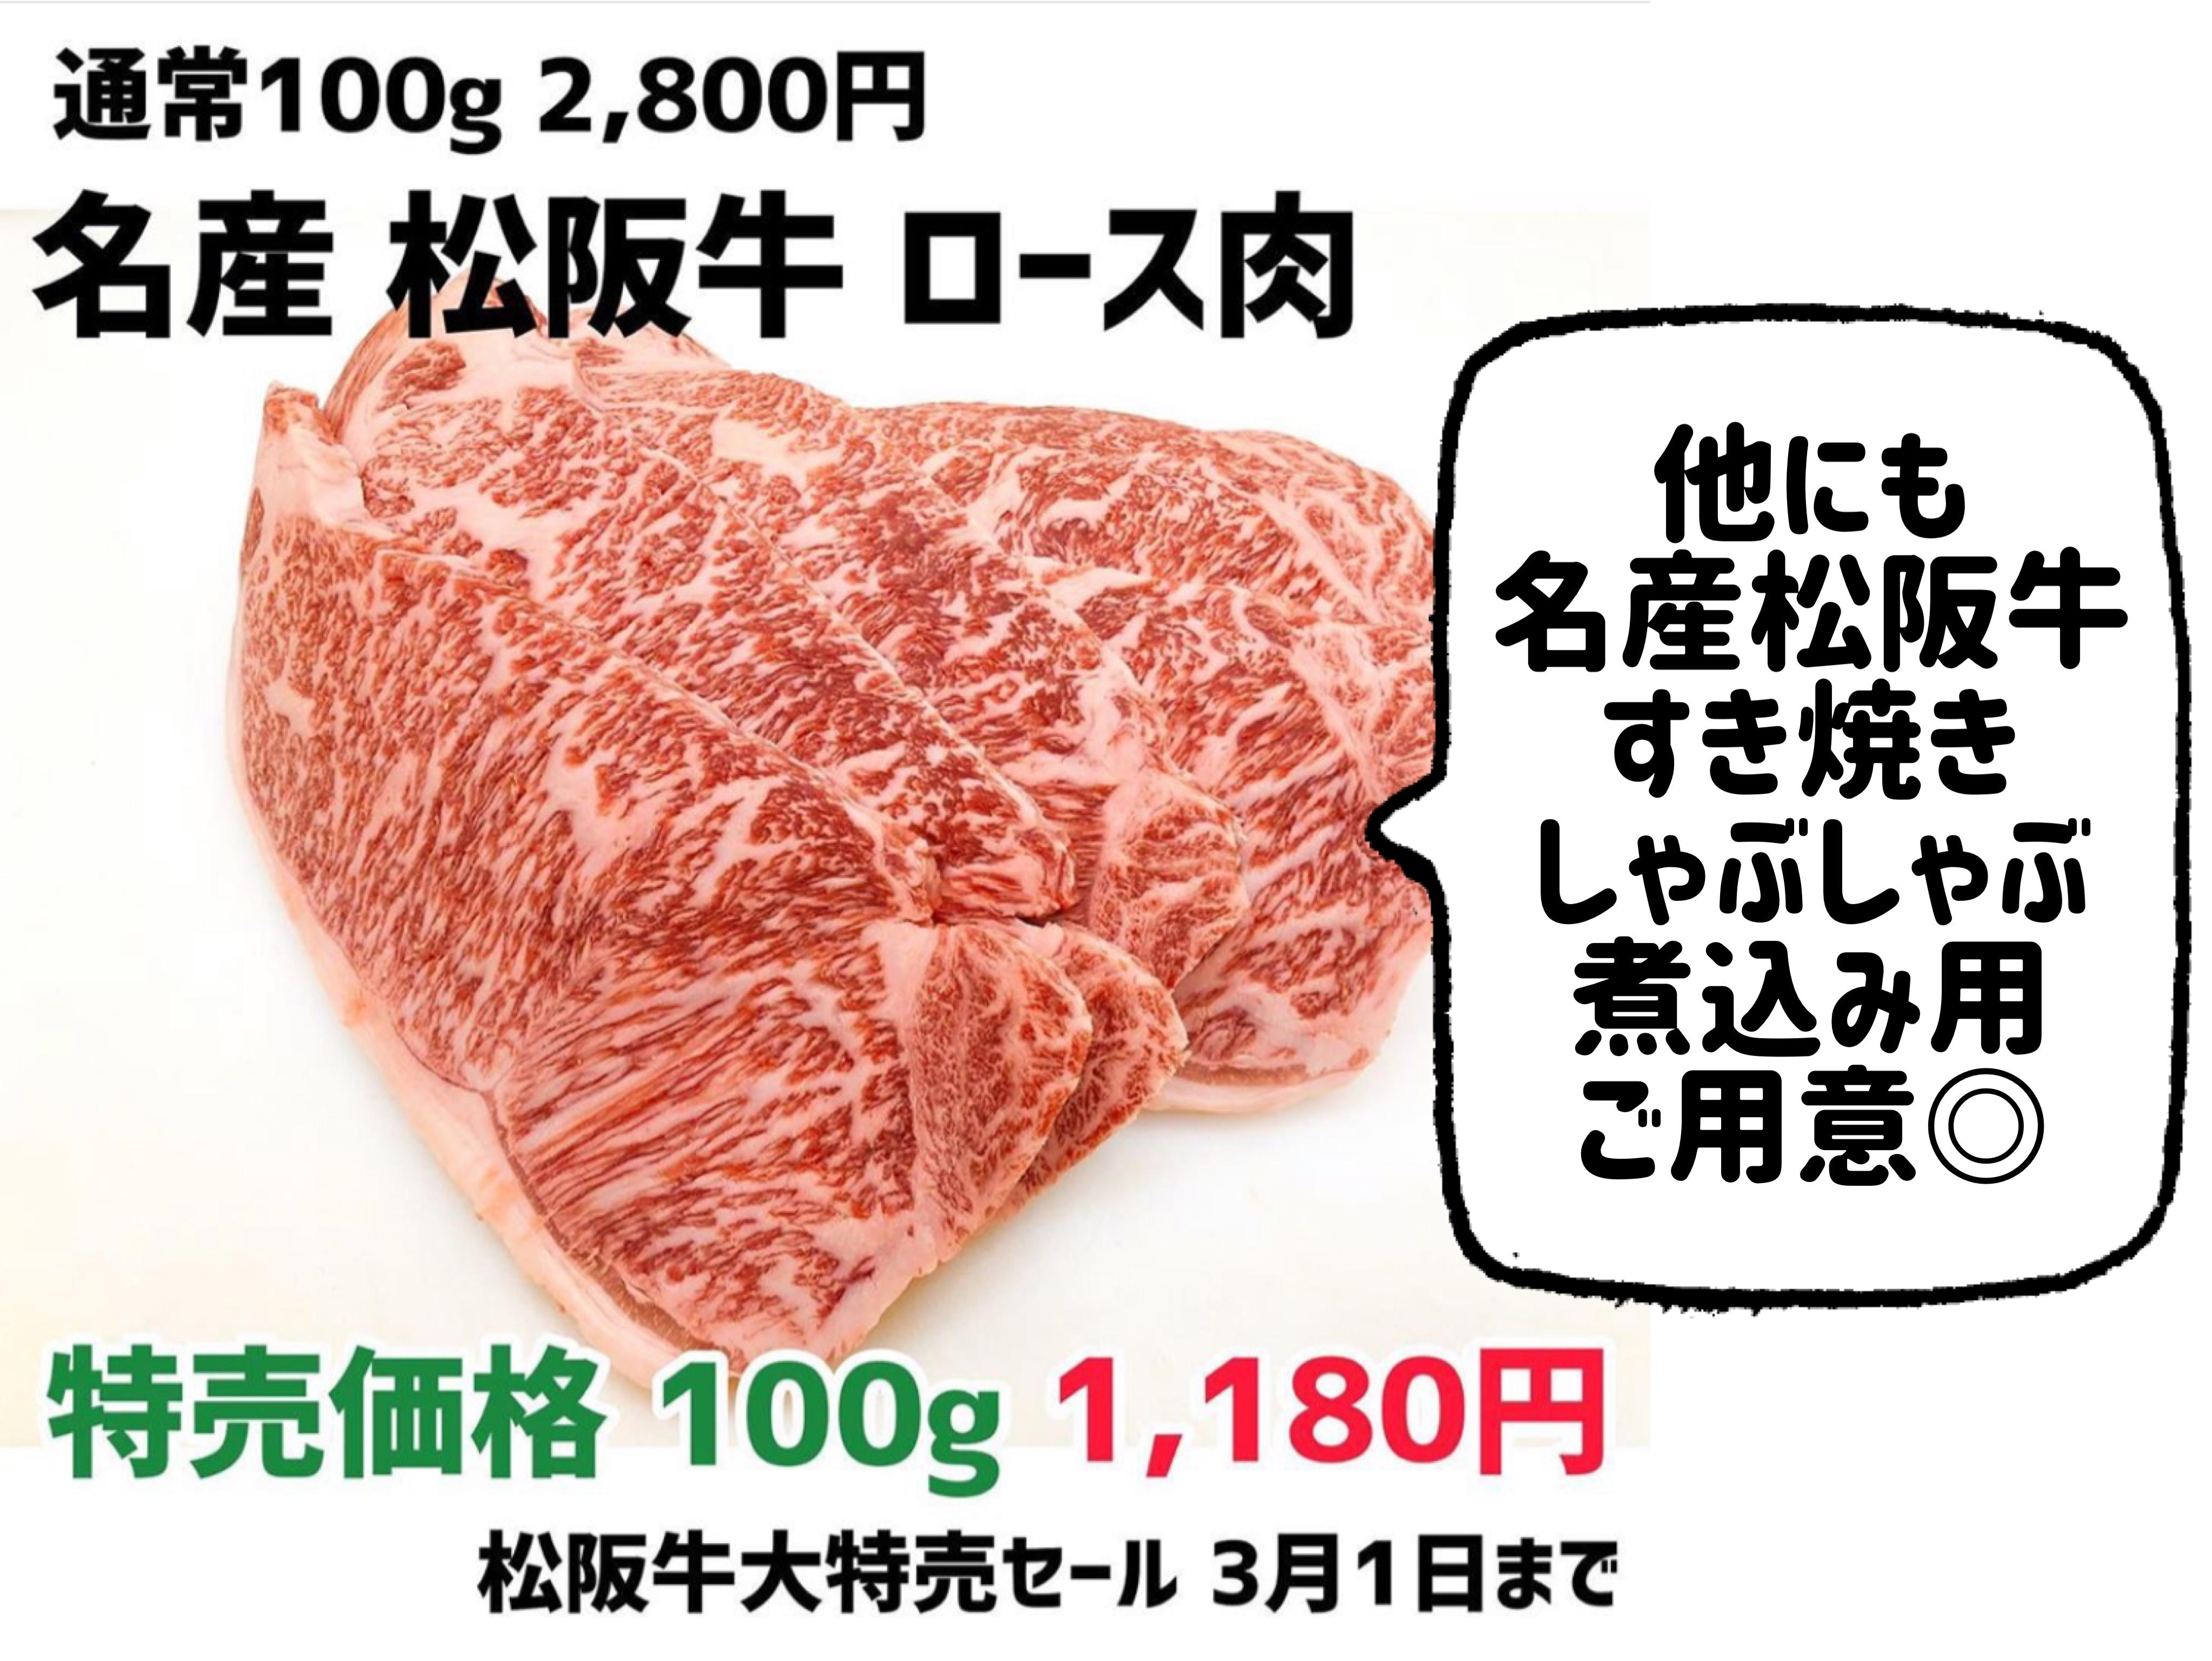 カラダづくりを応援!松阪牛フェア!